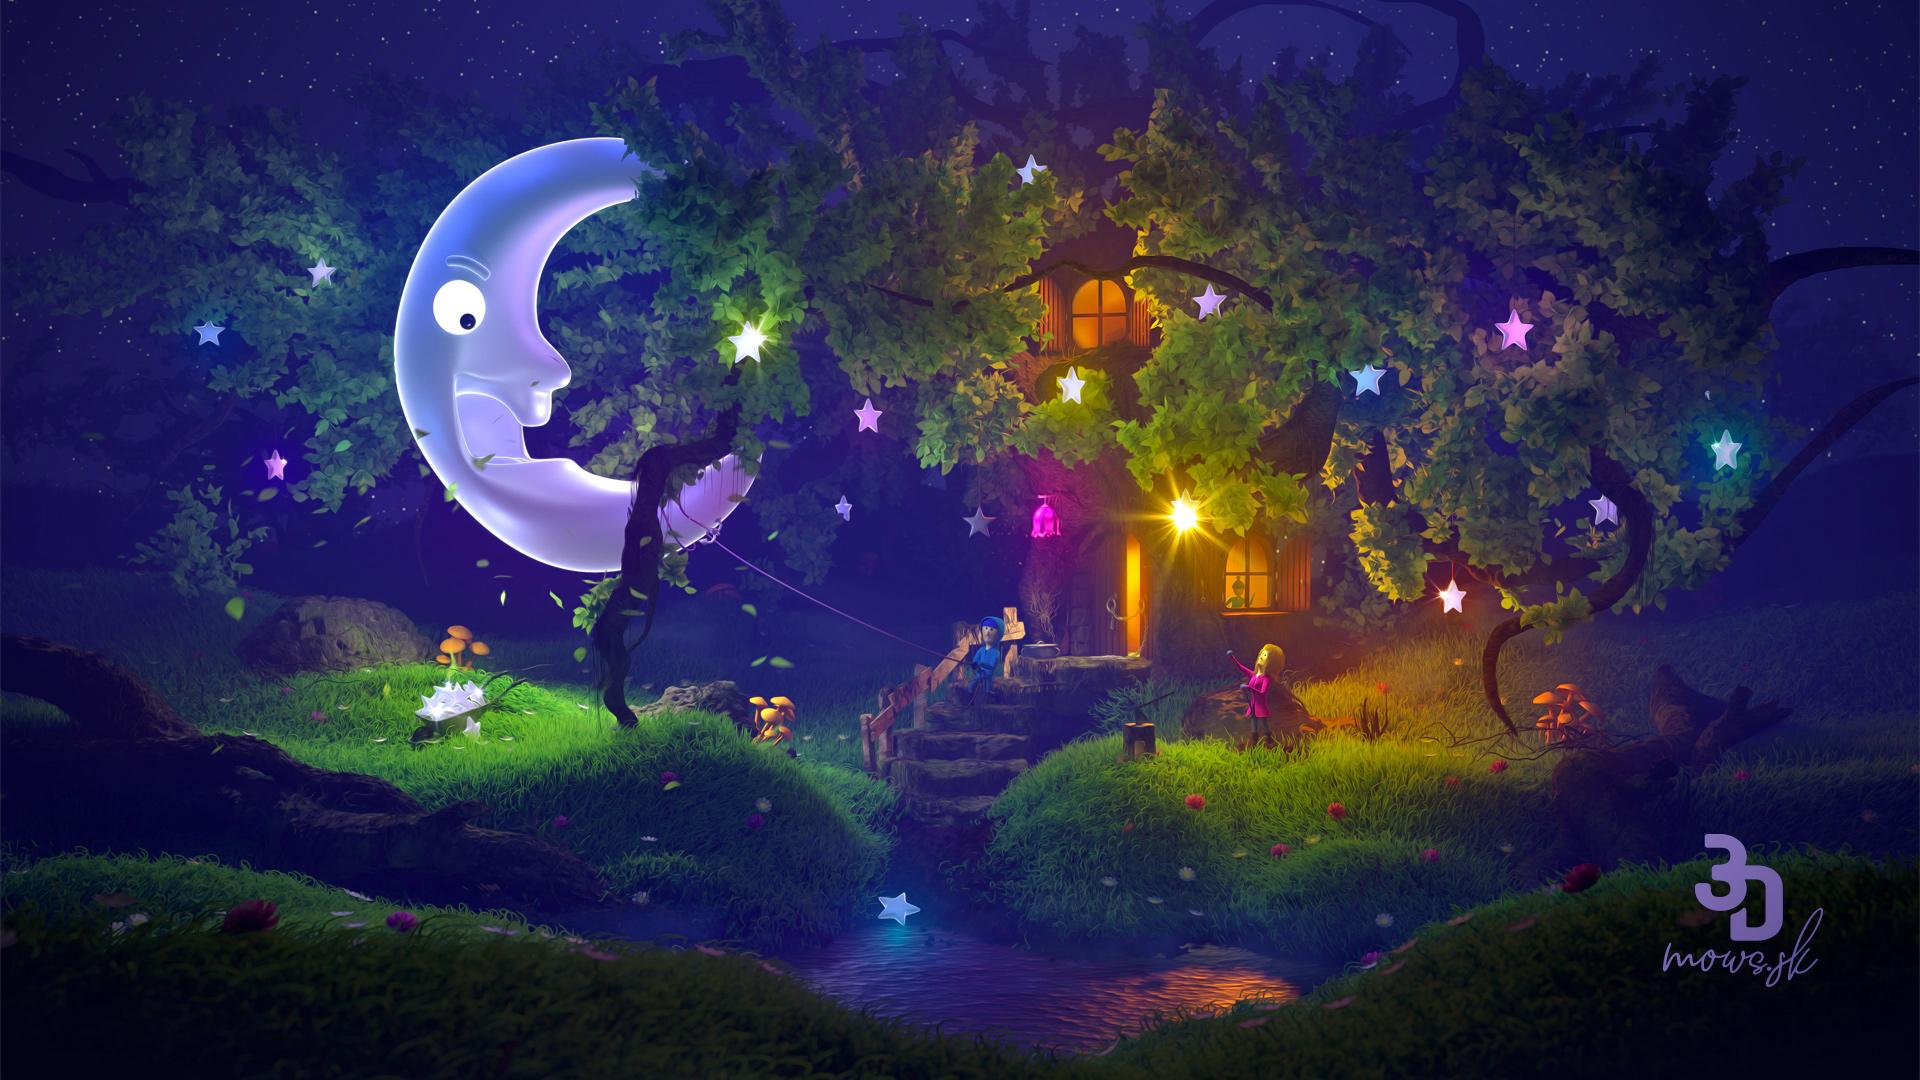 Finálny obrázok s hmlou, hĺbkou ostrosti a mäkkými svetlami vytvorenými postprocesom v Photoshope